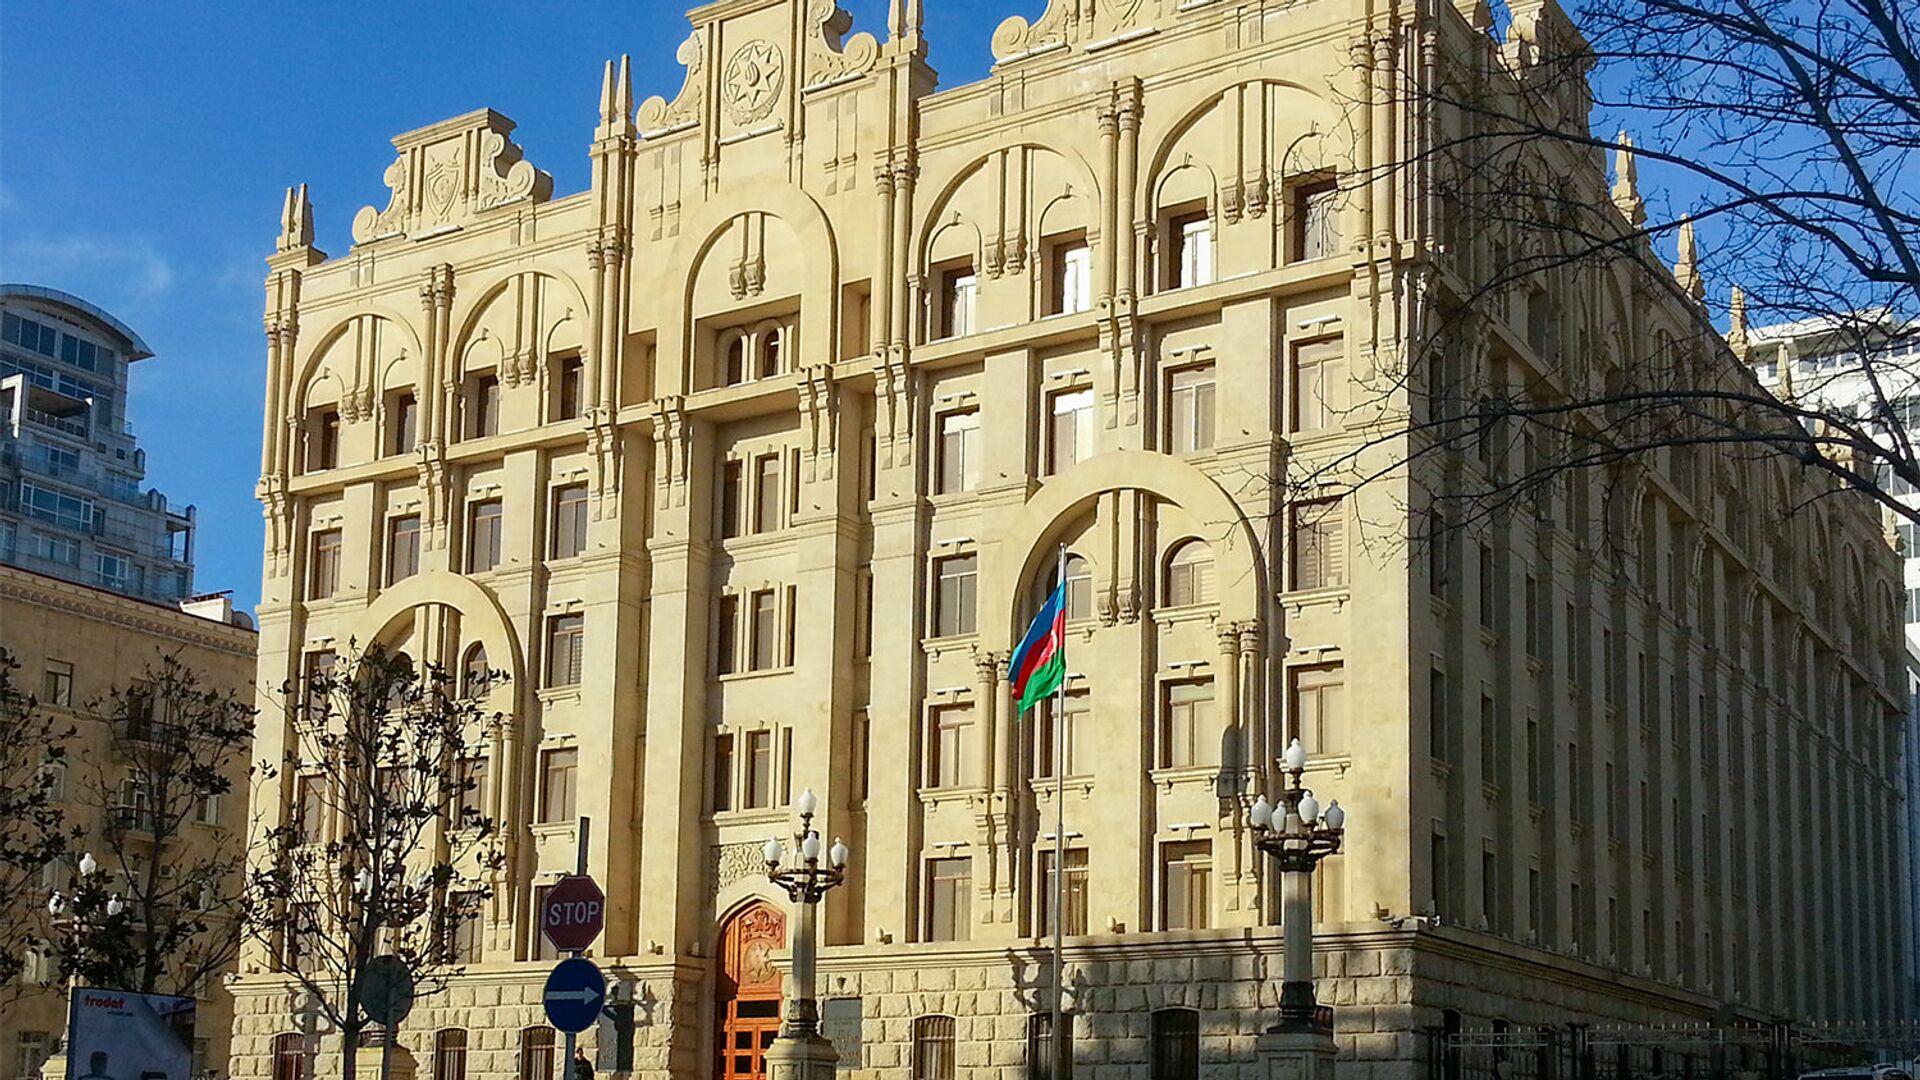 Здание Министерства внутренних дел Азербайджанской Республики  - Sputnik Azərbaycan, 1920, 02.10.2021